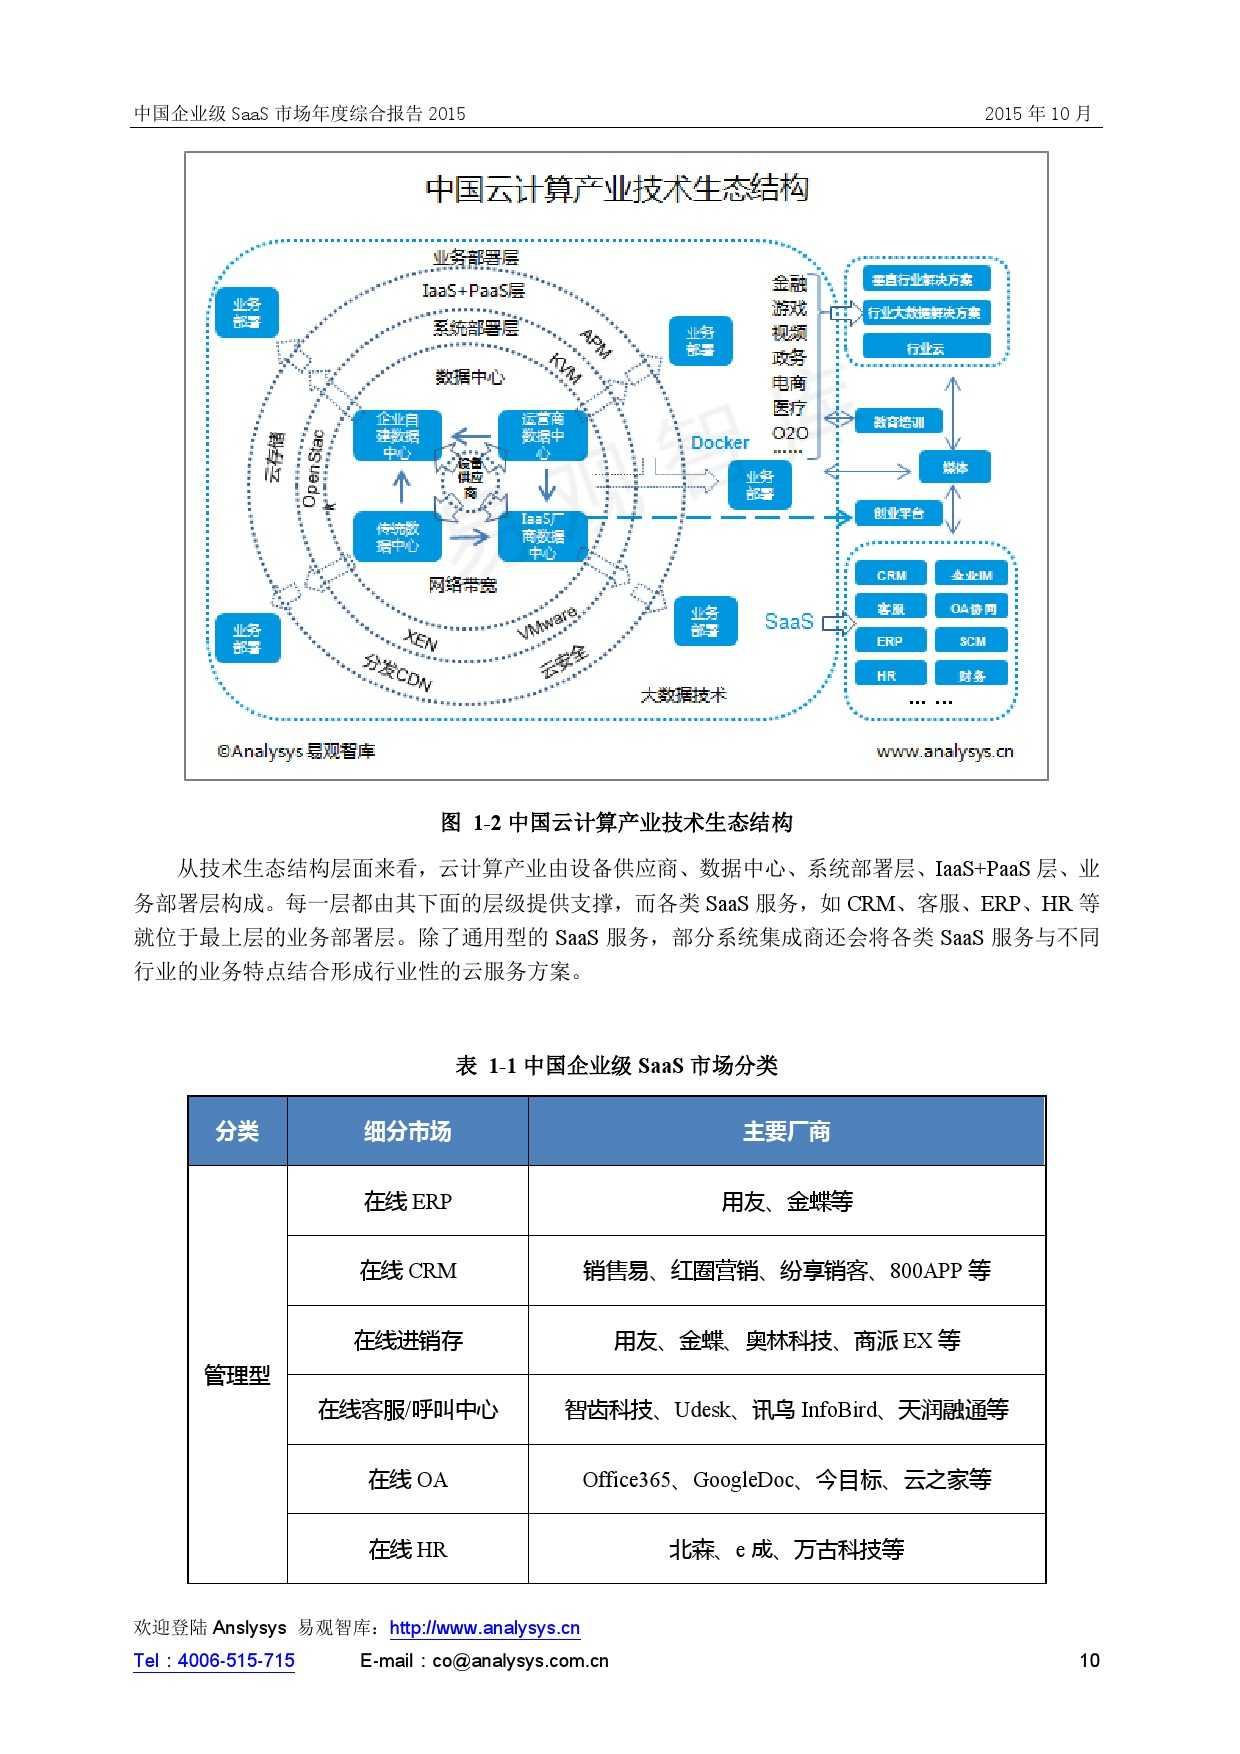 中国企业级SaaS市场年度综合报告2015 01_000010